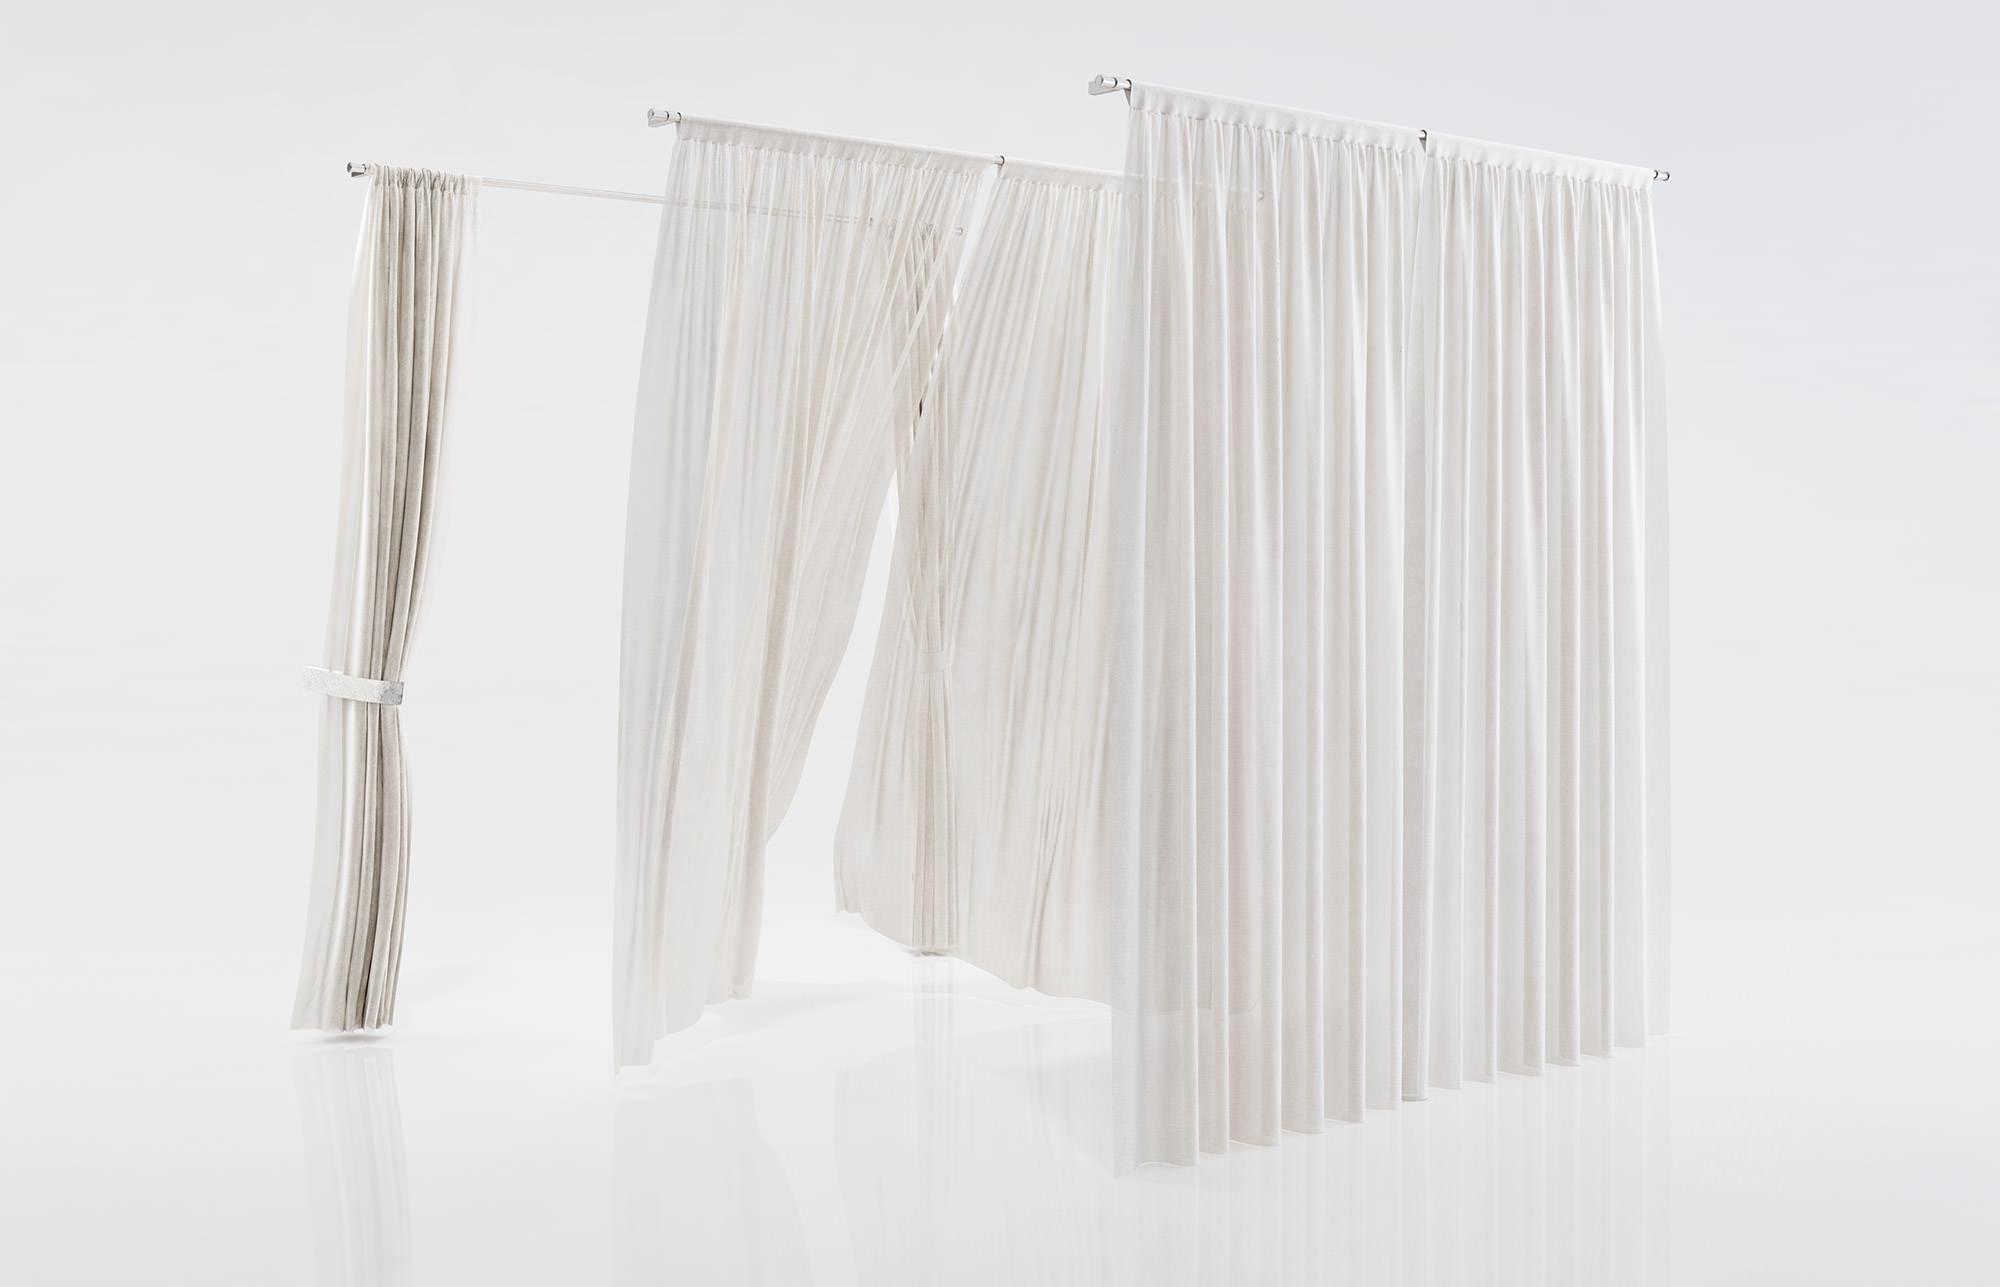 White See Through Window Curtains 3d Model Max Obj Fbx C4d 1